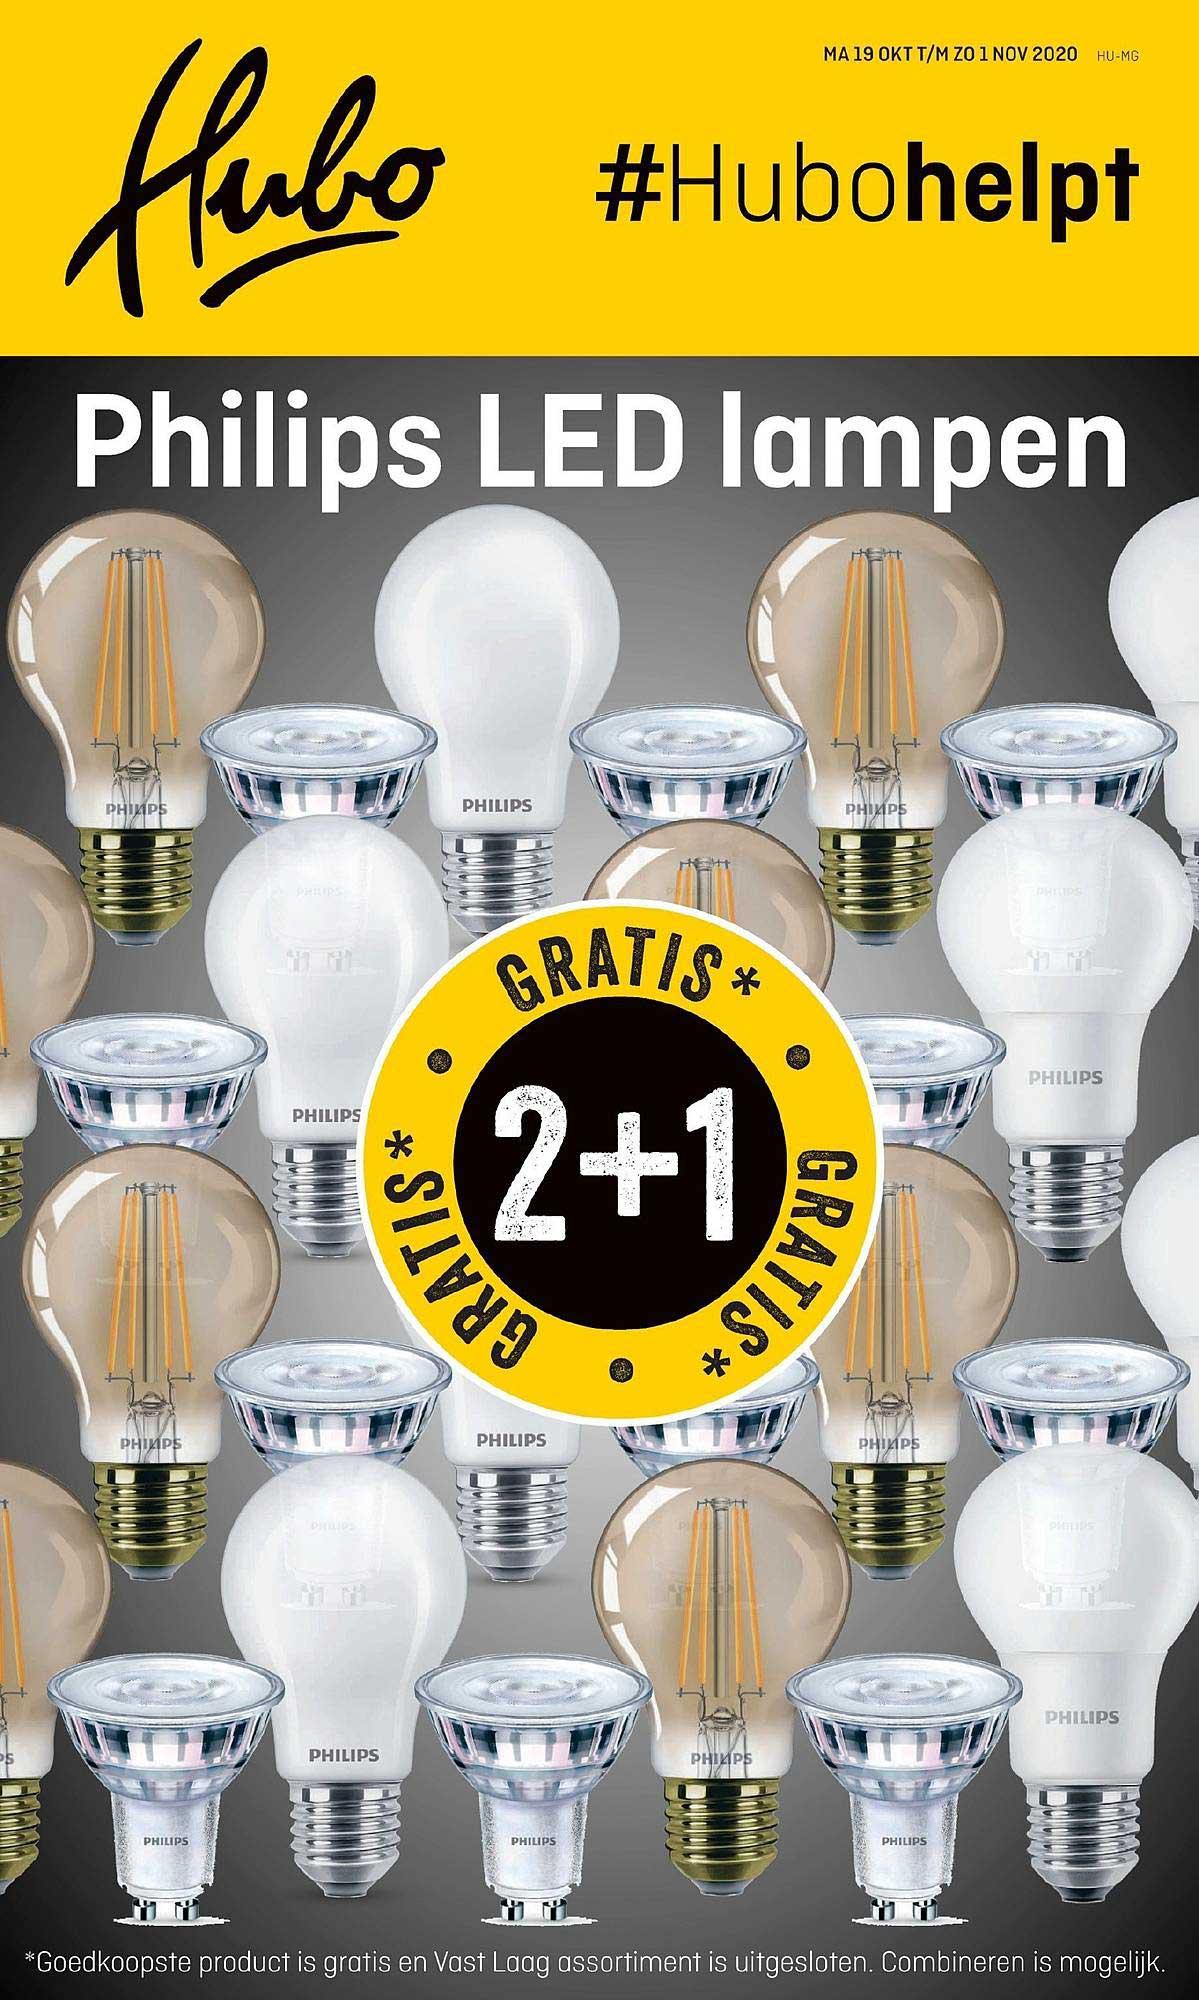 Hubo Philips Led Lampen: 2+1 Gratis